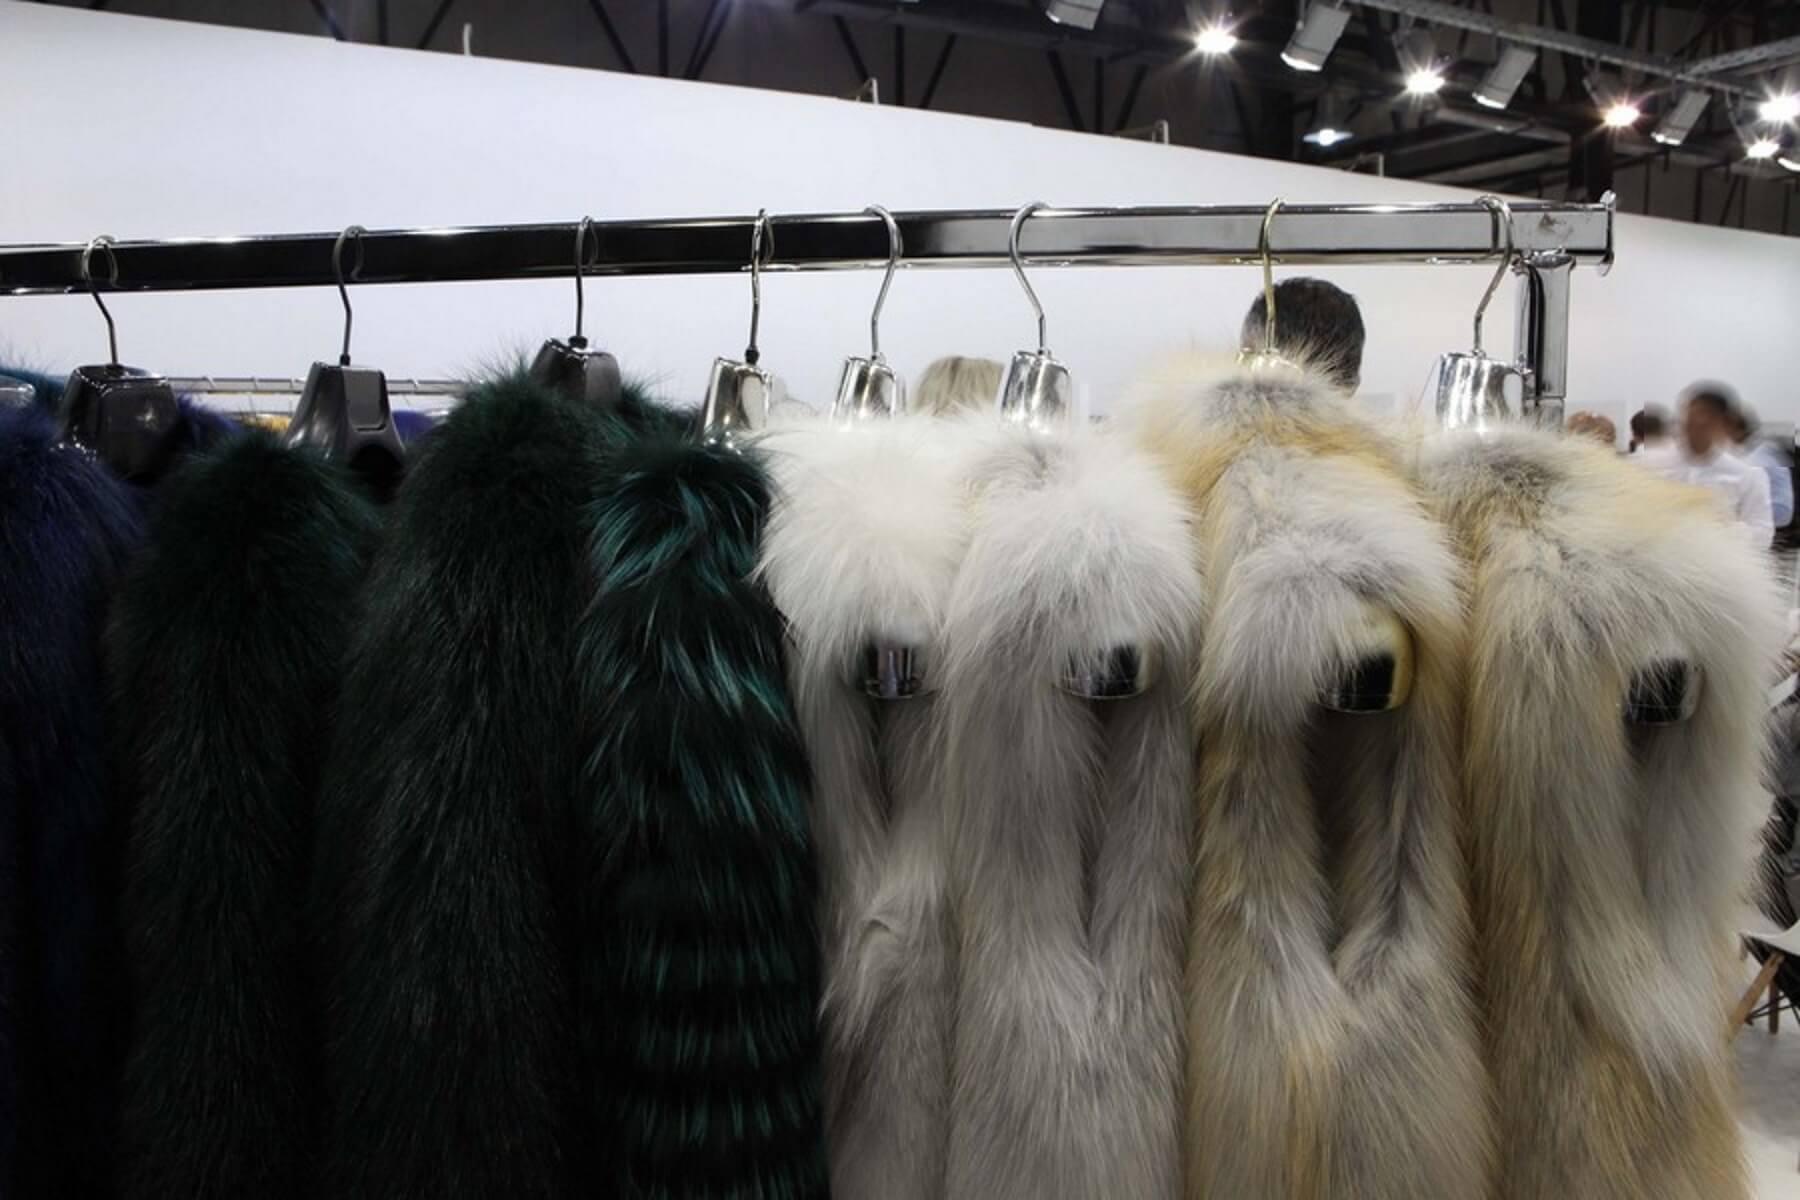 Τέλος οι ζωϊκές γούνες για τους οίκους μόδας Saint Laurent και Brioni